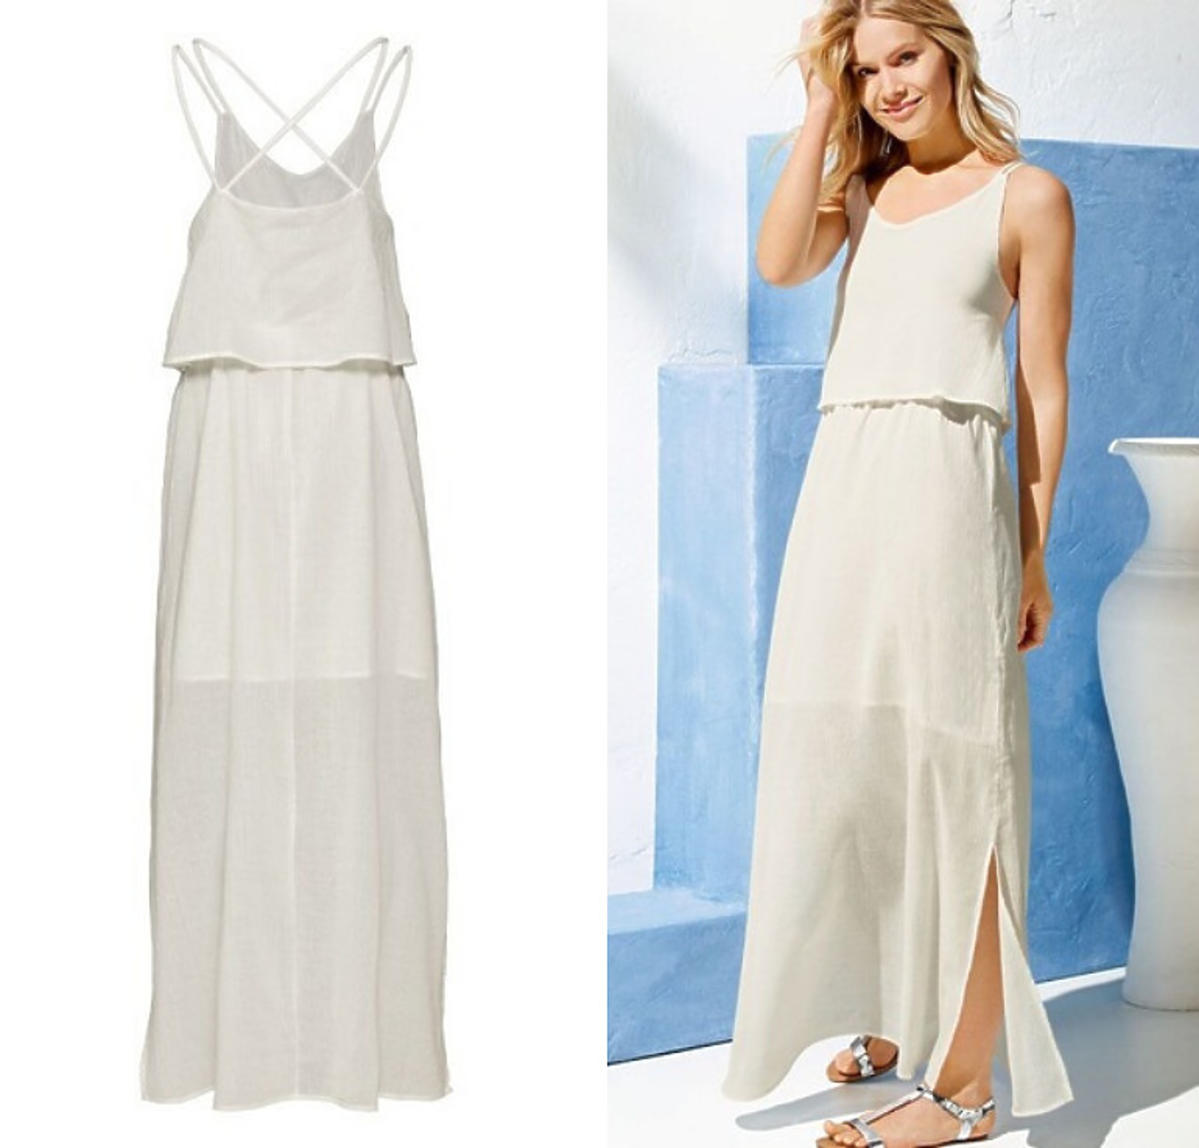 Biała sukienka maxi Lidl